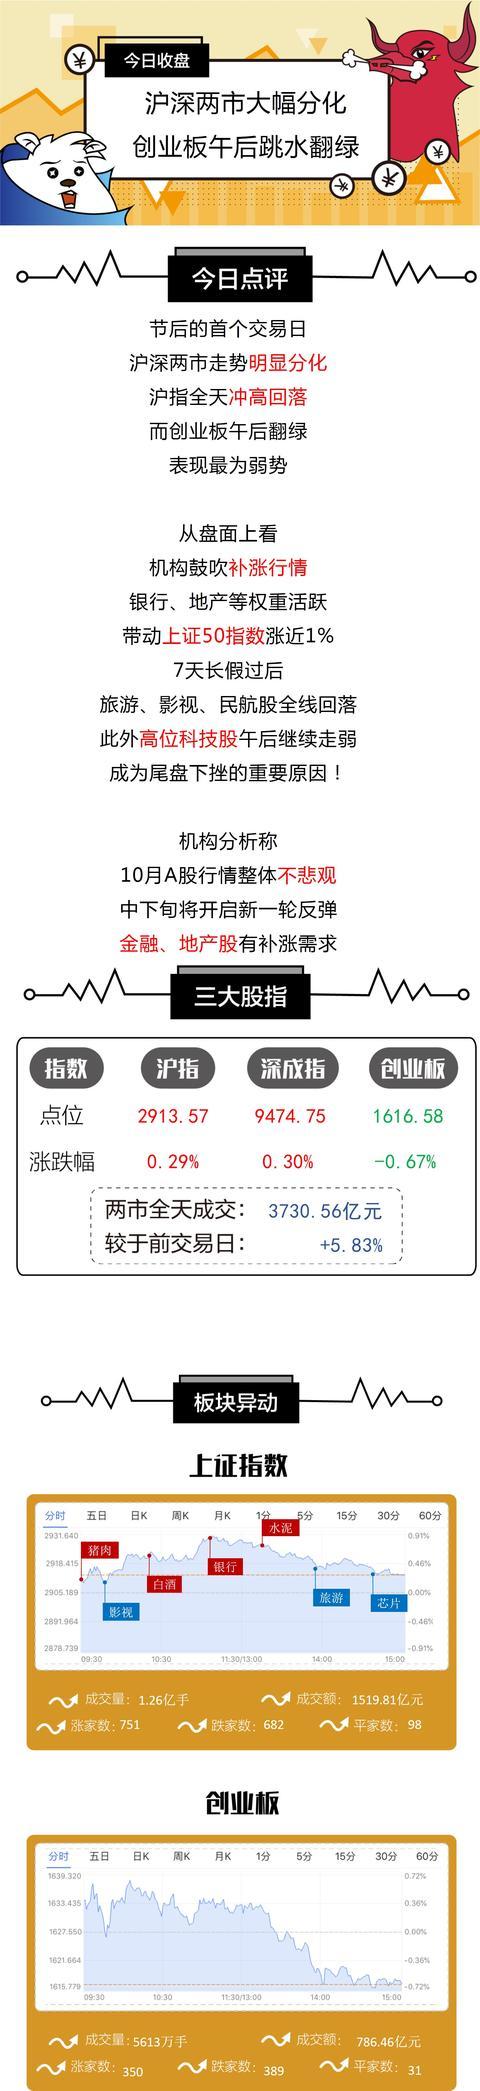 收盘   沪指冲高回落 机构:金融、地产股有补涨需求